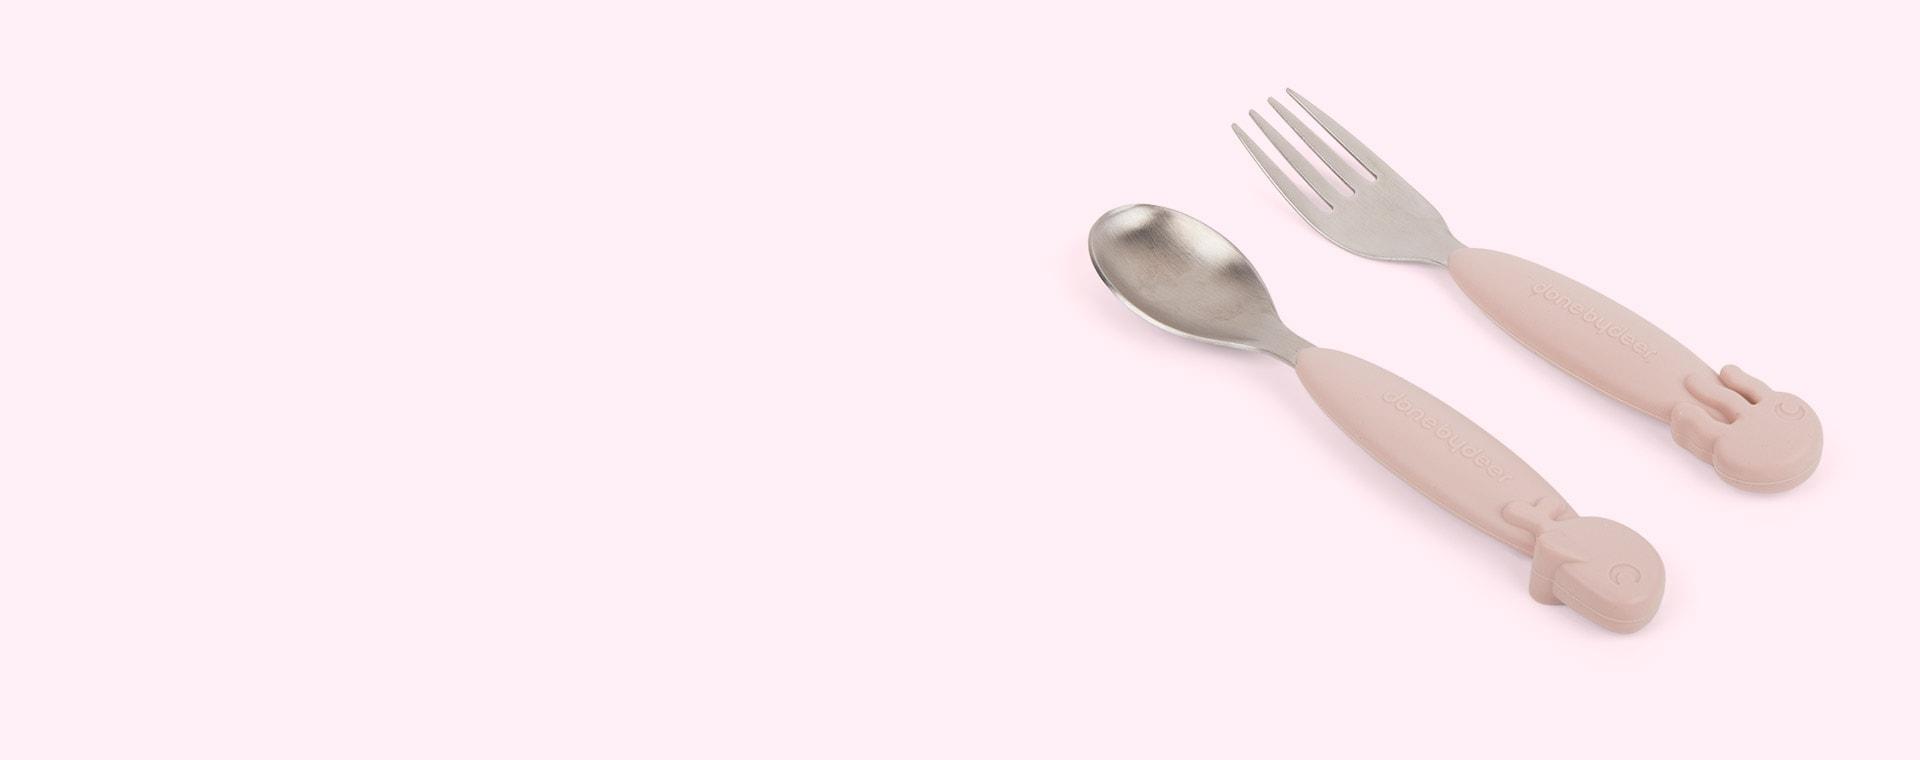 Powder Done By Deer Yummy+ Spoon & Fork